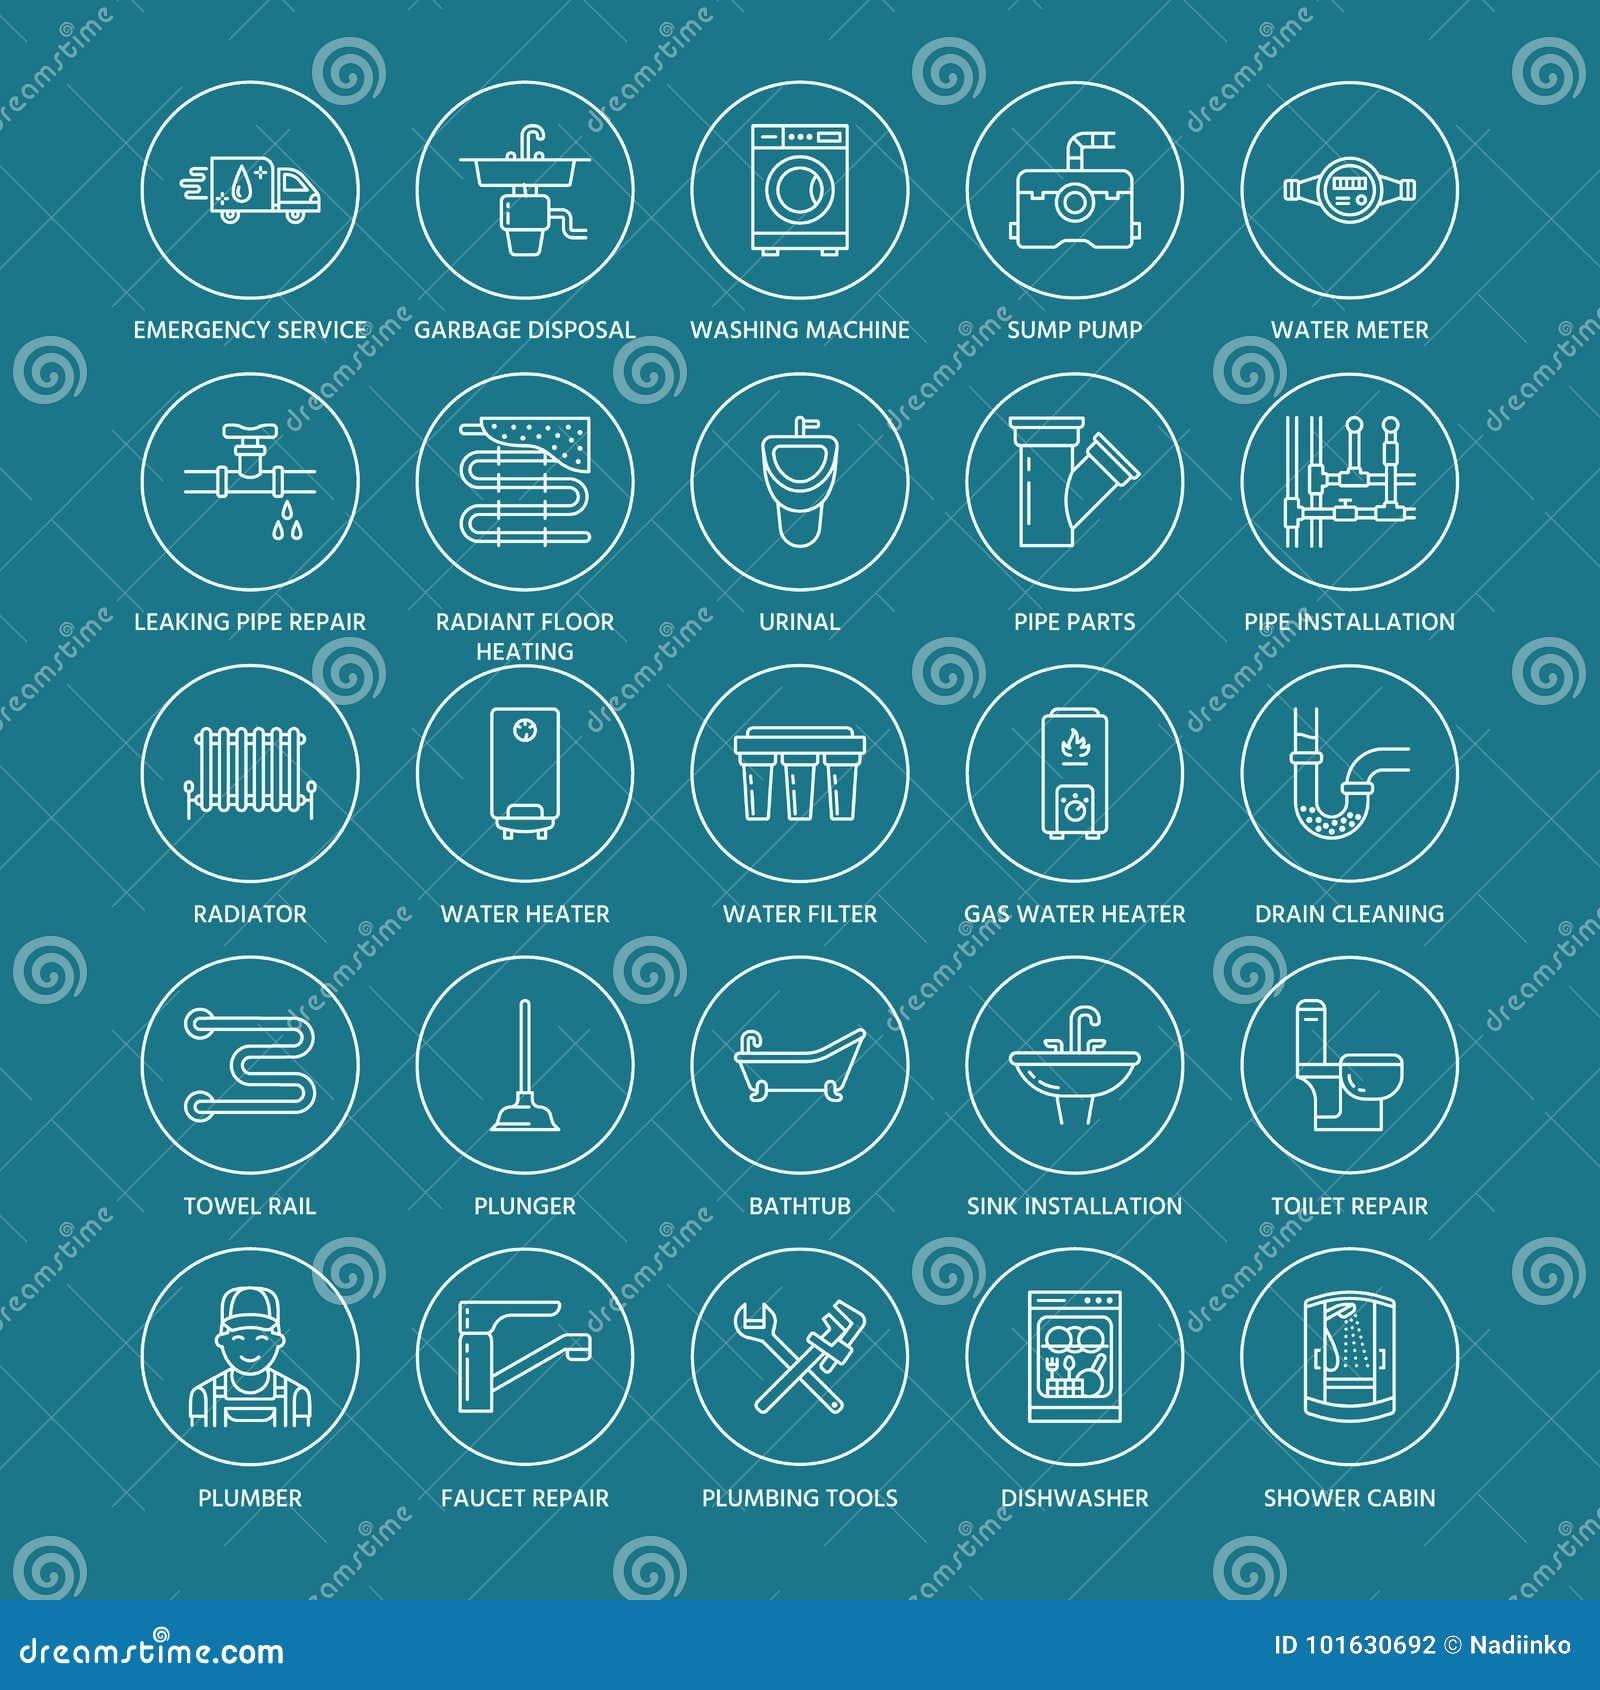 Διανυσματικά επίπεδα εικονίδια γραμμών υπηρεσιών υδραυλικών Εξοπλισμός λουτρών σπιτιών, στρόφιγγα, τουαλέτα, σωλήνωση, πλυντήριο,